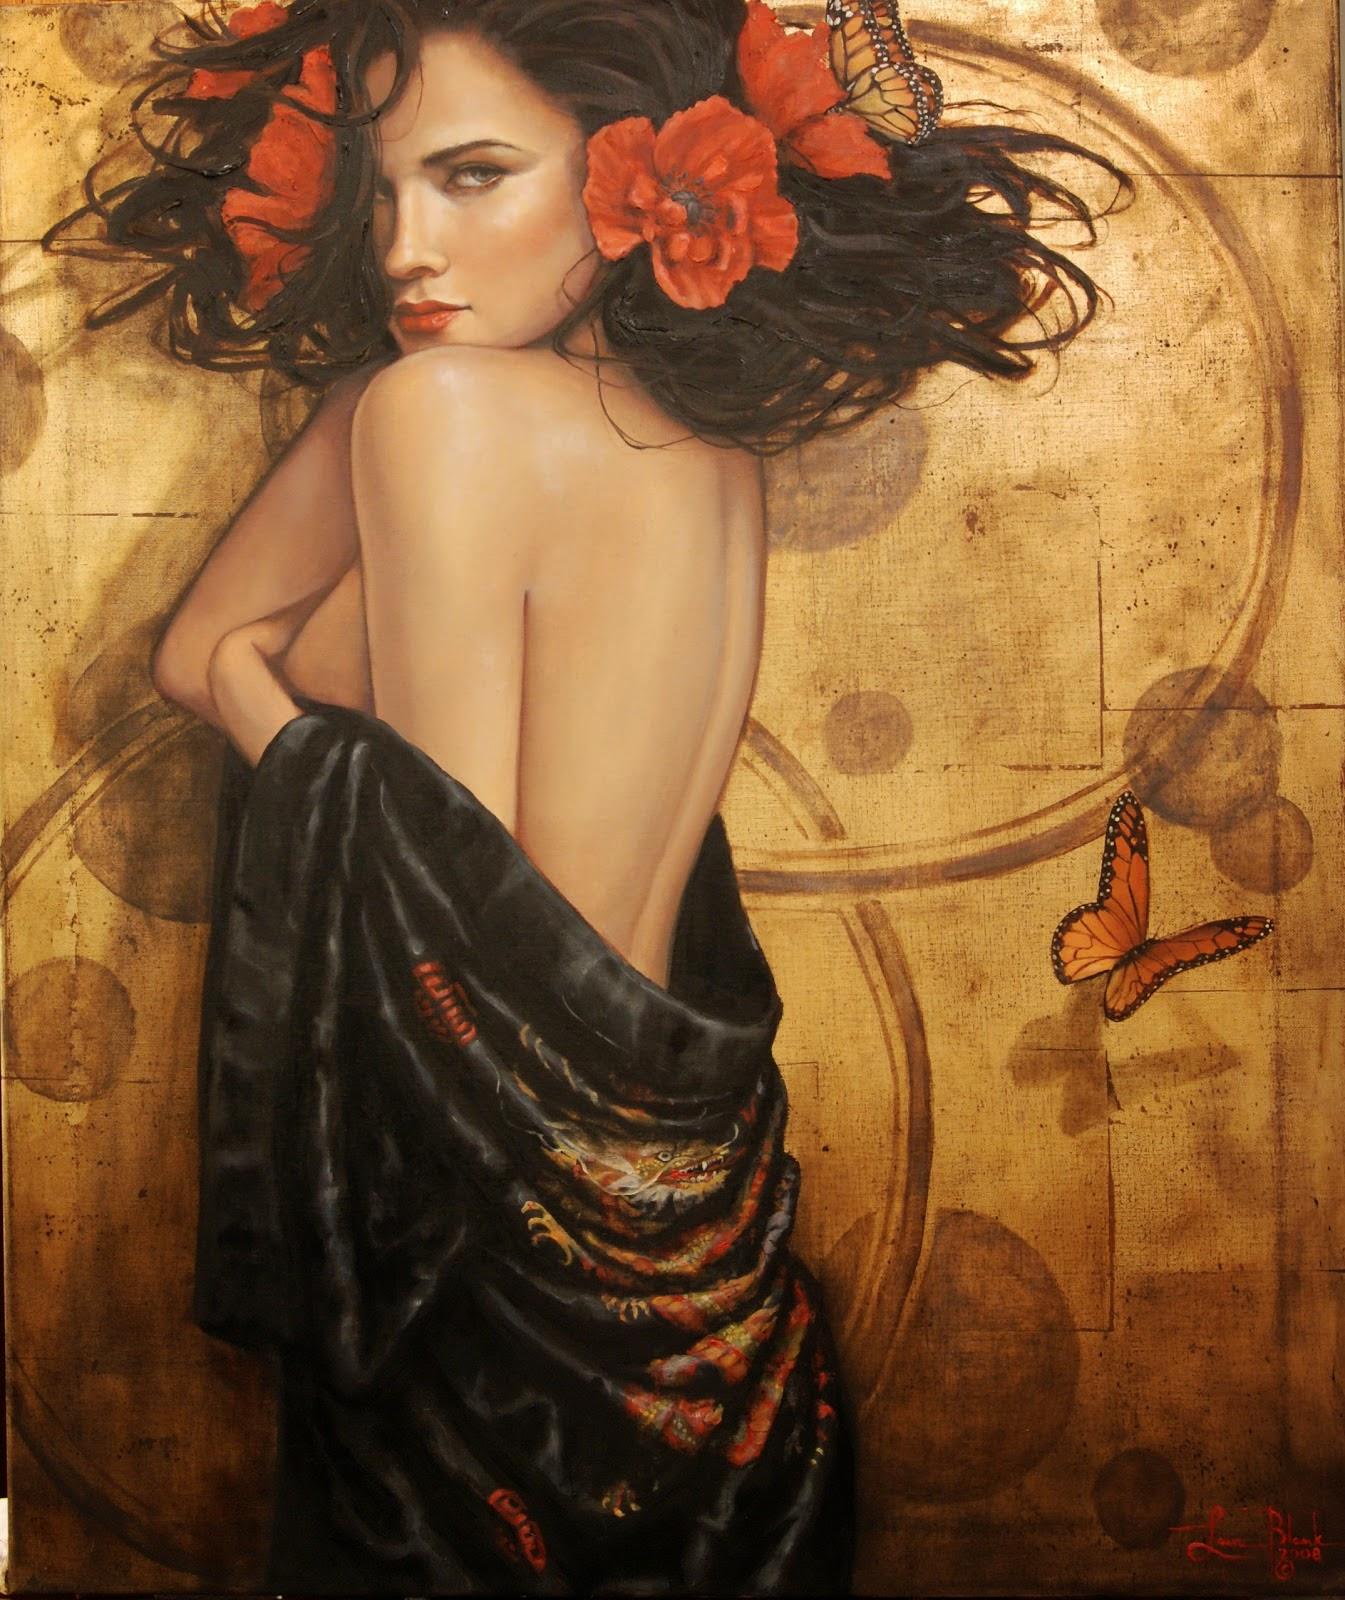 Vênus - Lauri Blank e suas pinturas cheias de emoções